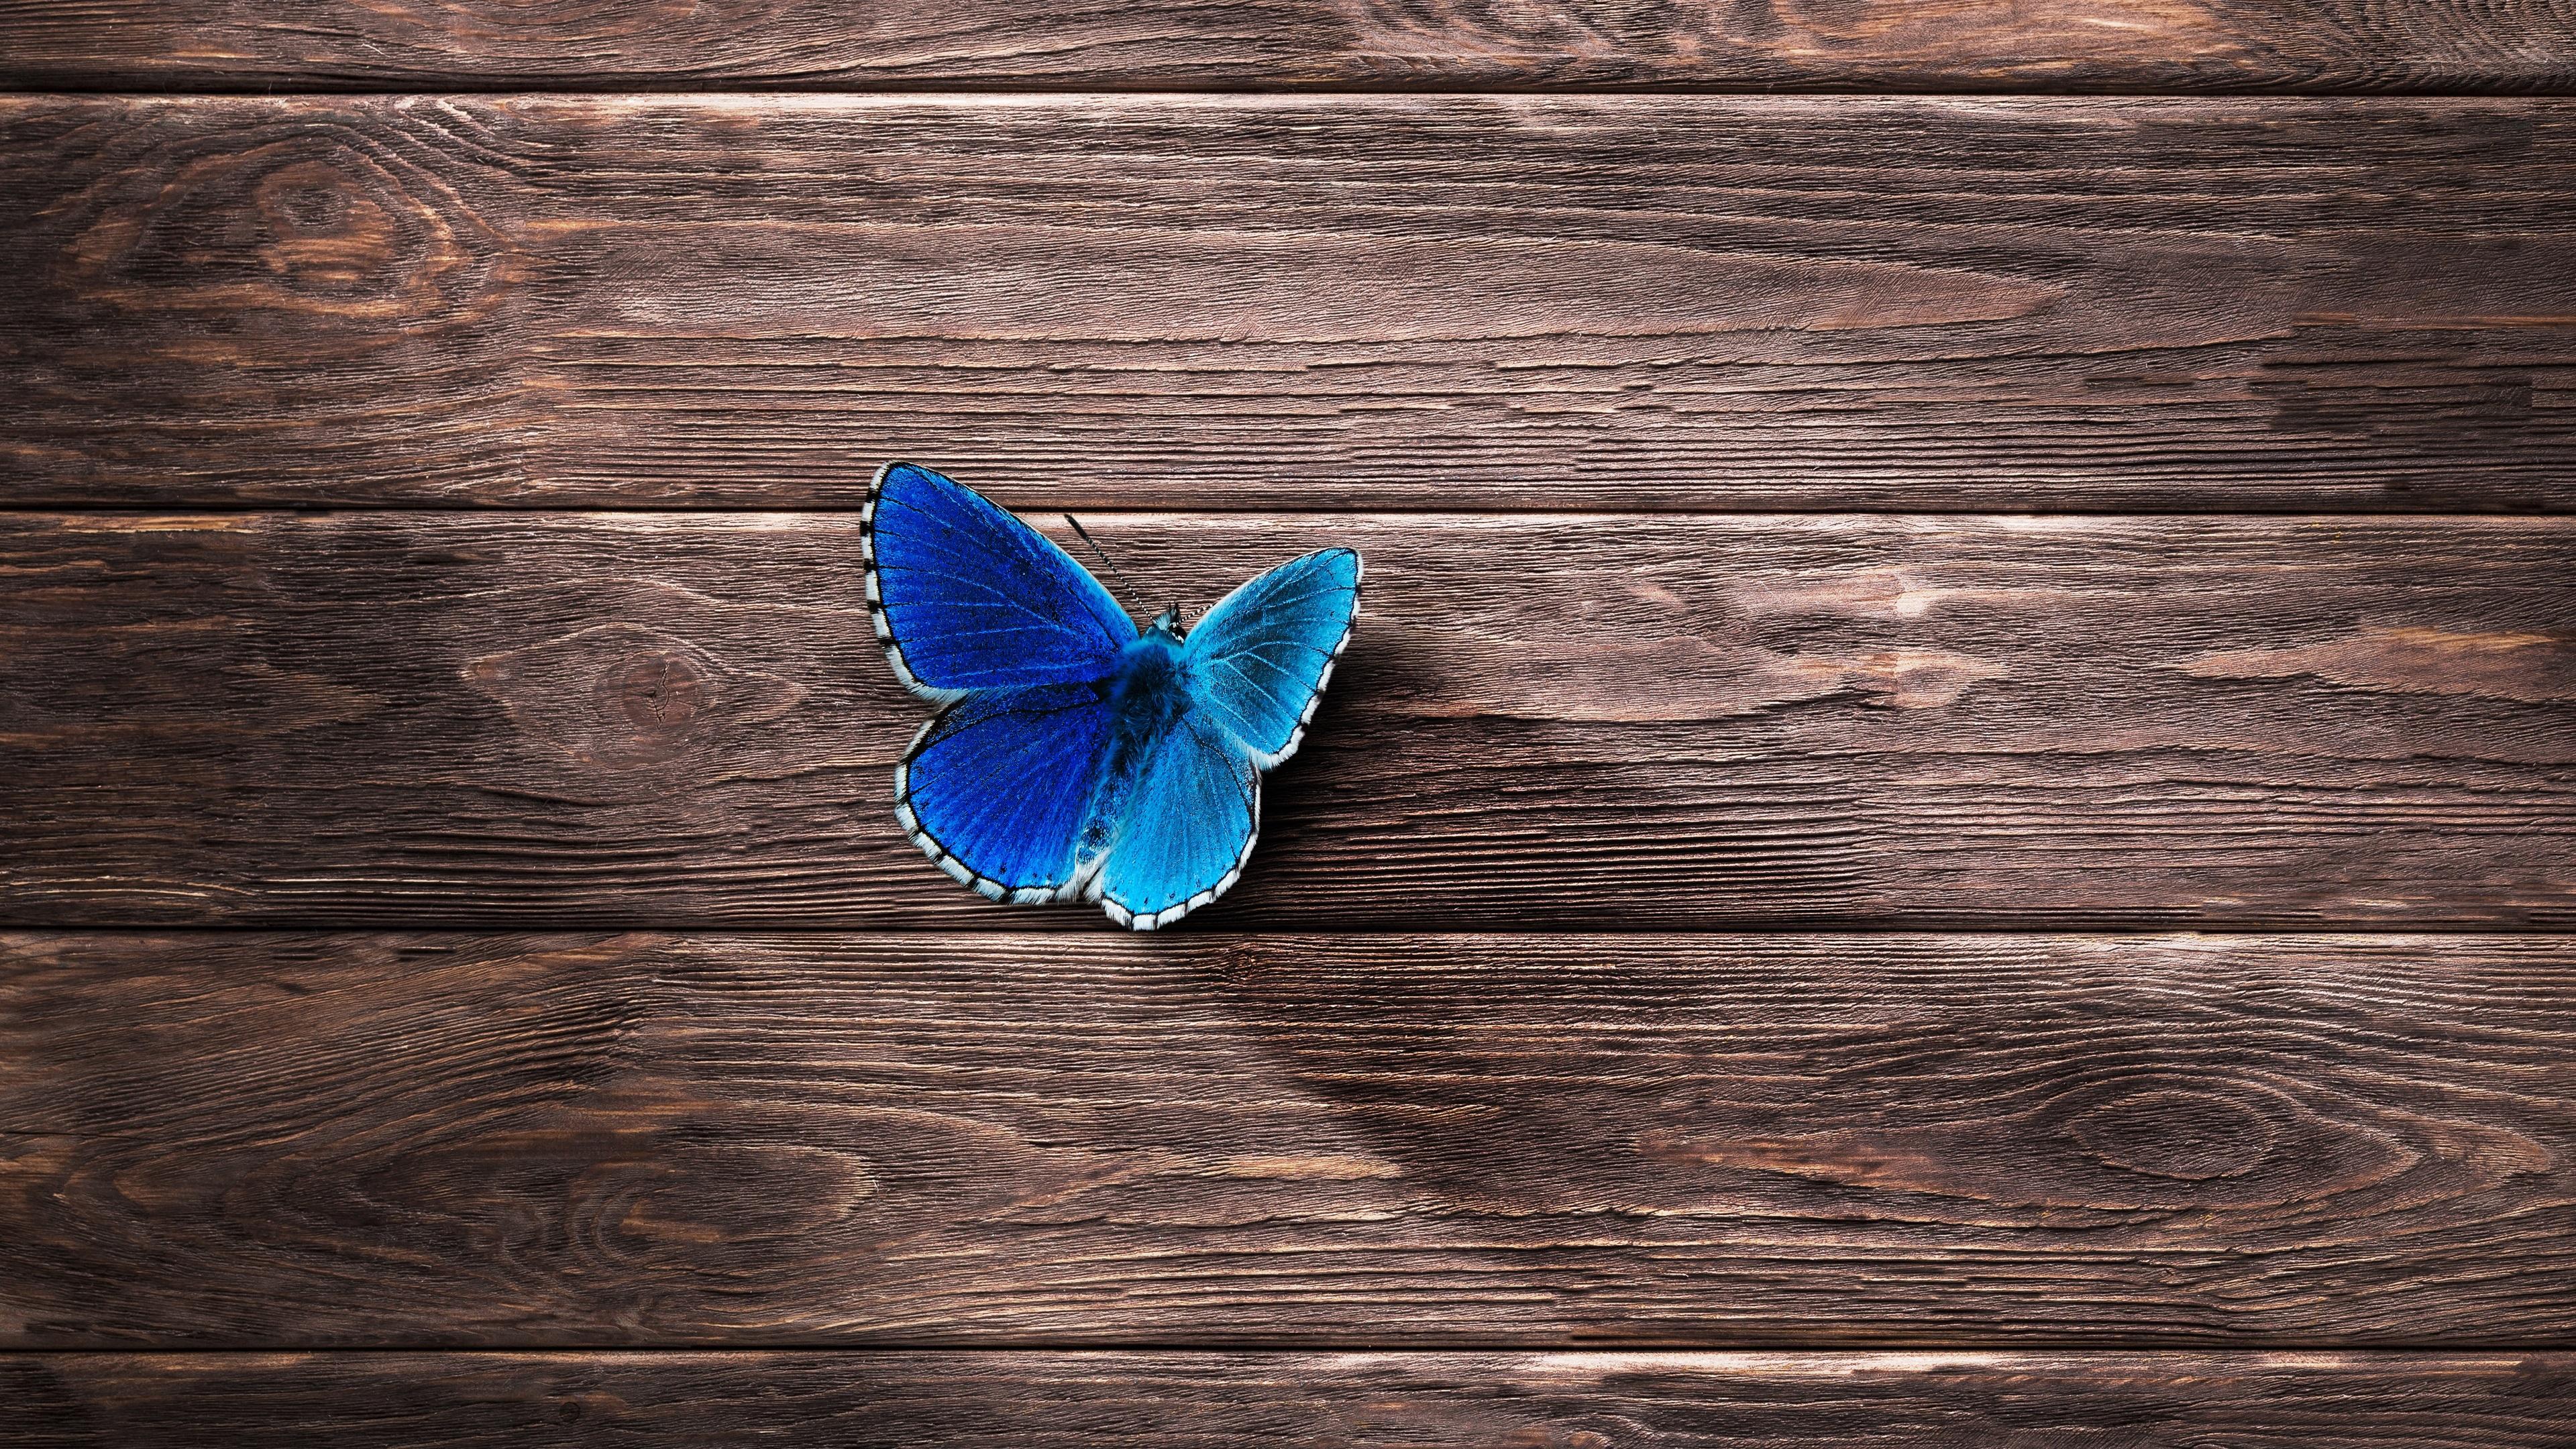 Fondos De Pantalla Fondo De Tablero De Madera De Colores: Fondos De Pantalla Mariposa Azul, Fondo De Tablero De